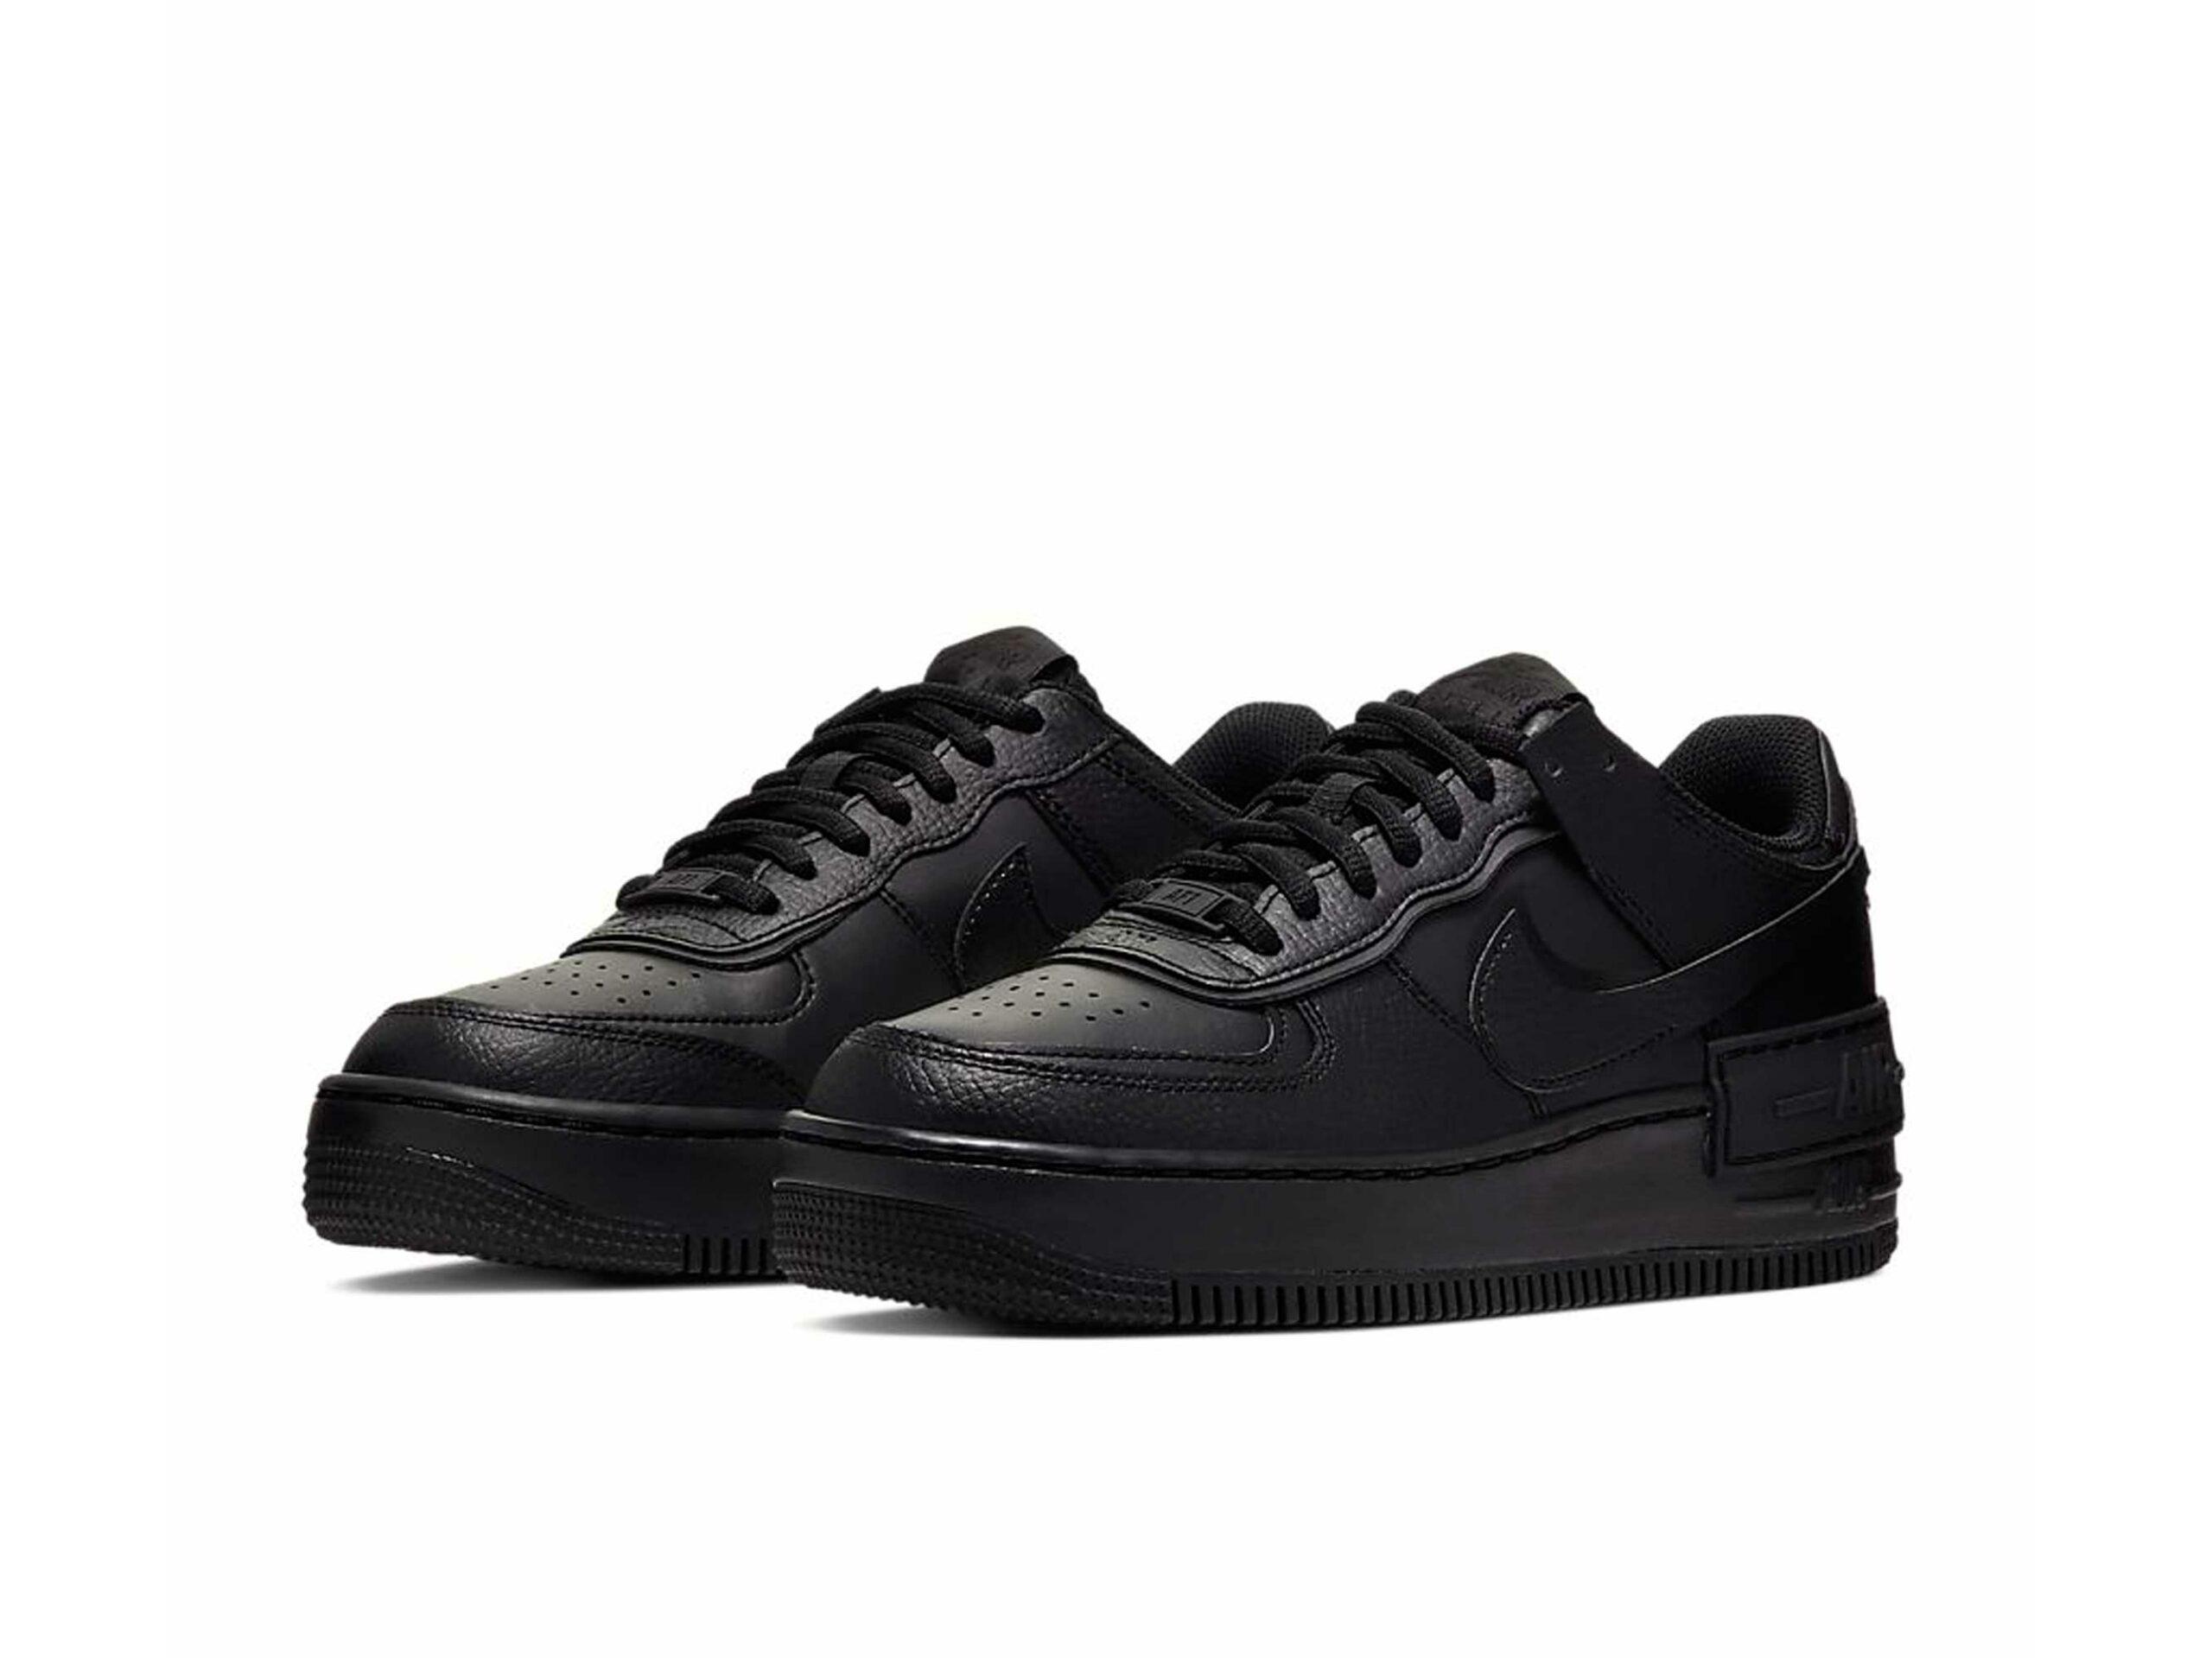 nike air force 1 shadow all black CI0919_001 купить